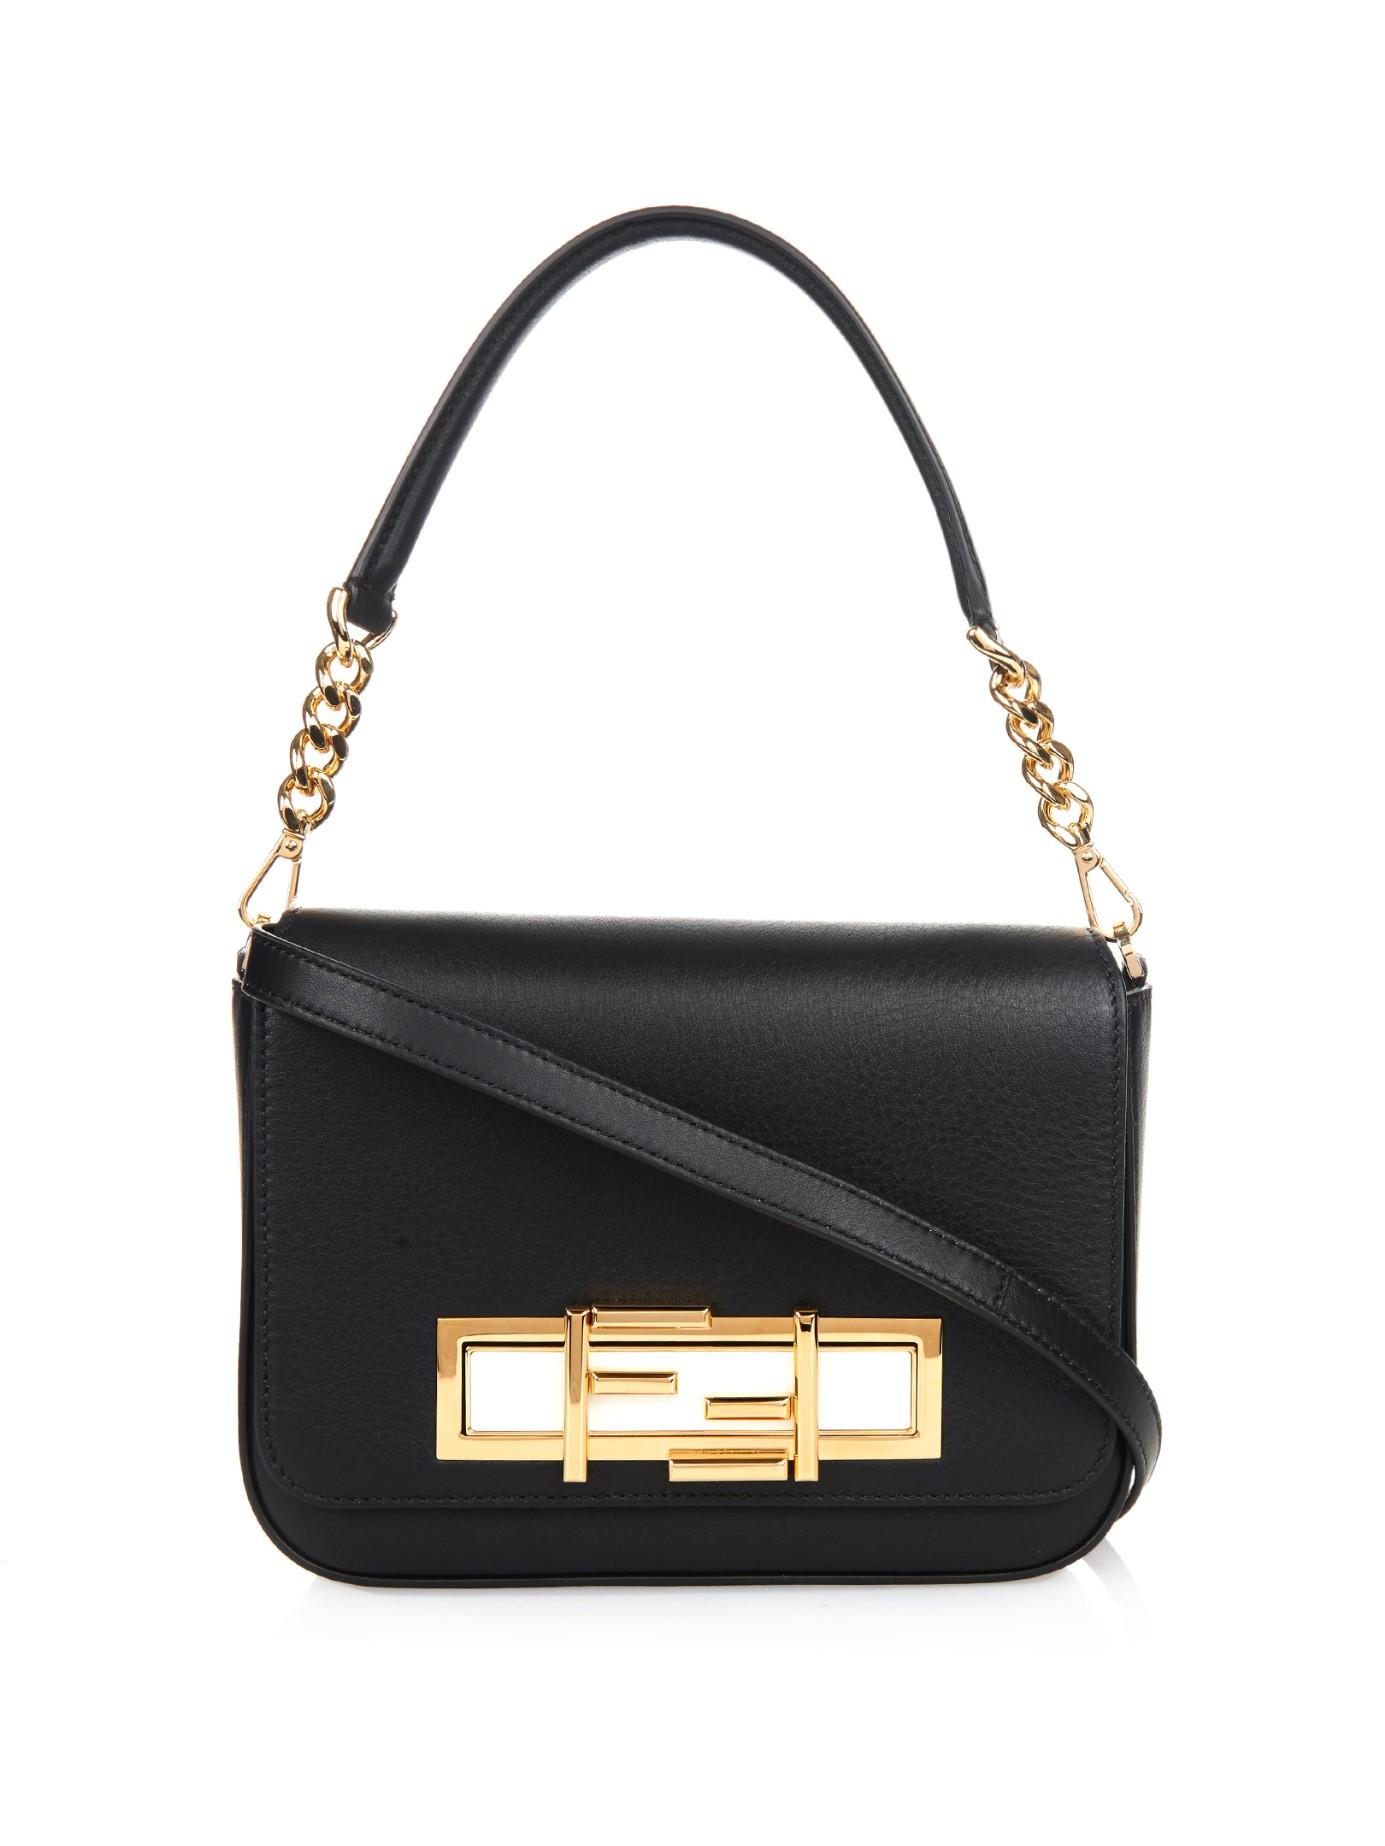 6e8b4f3581 Fendi Cross Bag